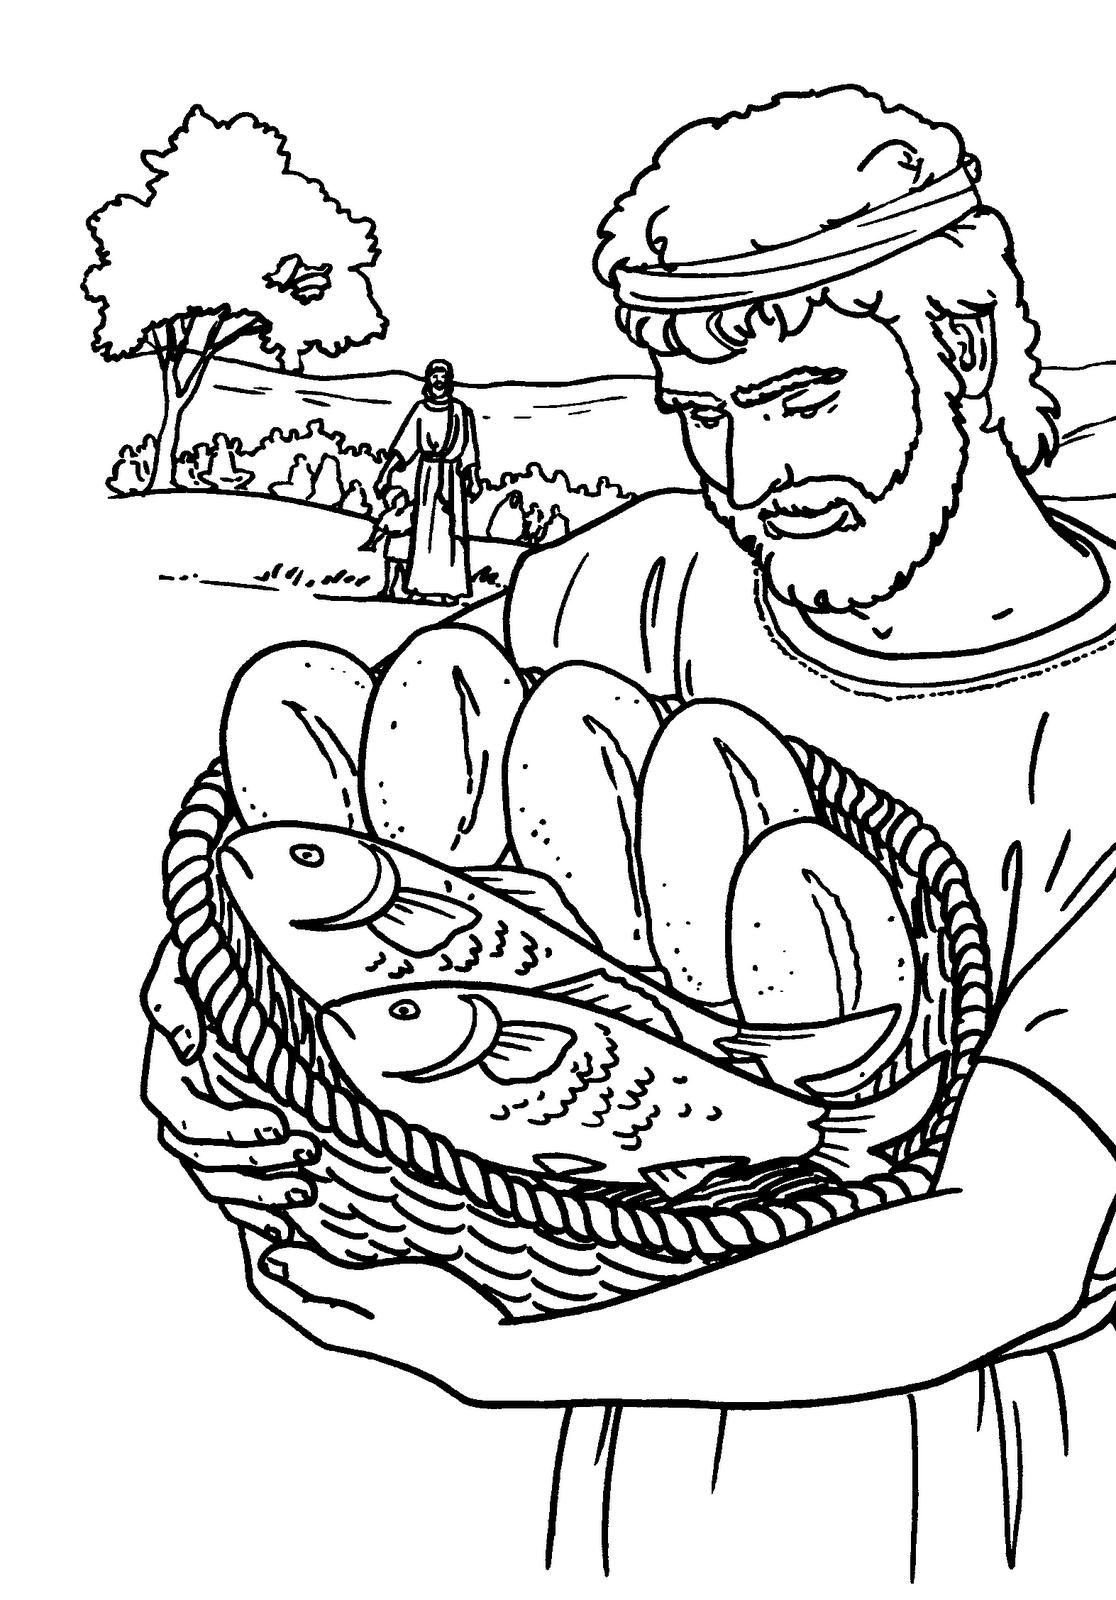 Imagenes Cristianas Para Colorear: Dibujos Para Colorear De ...